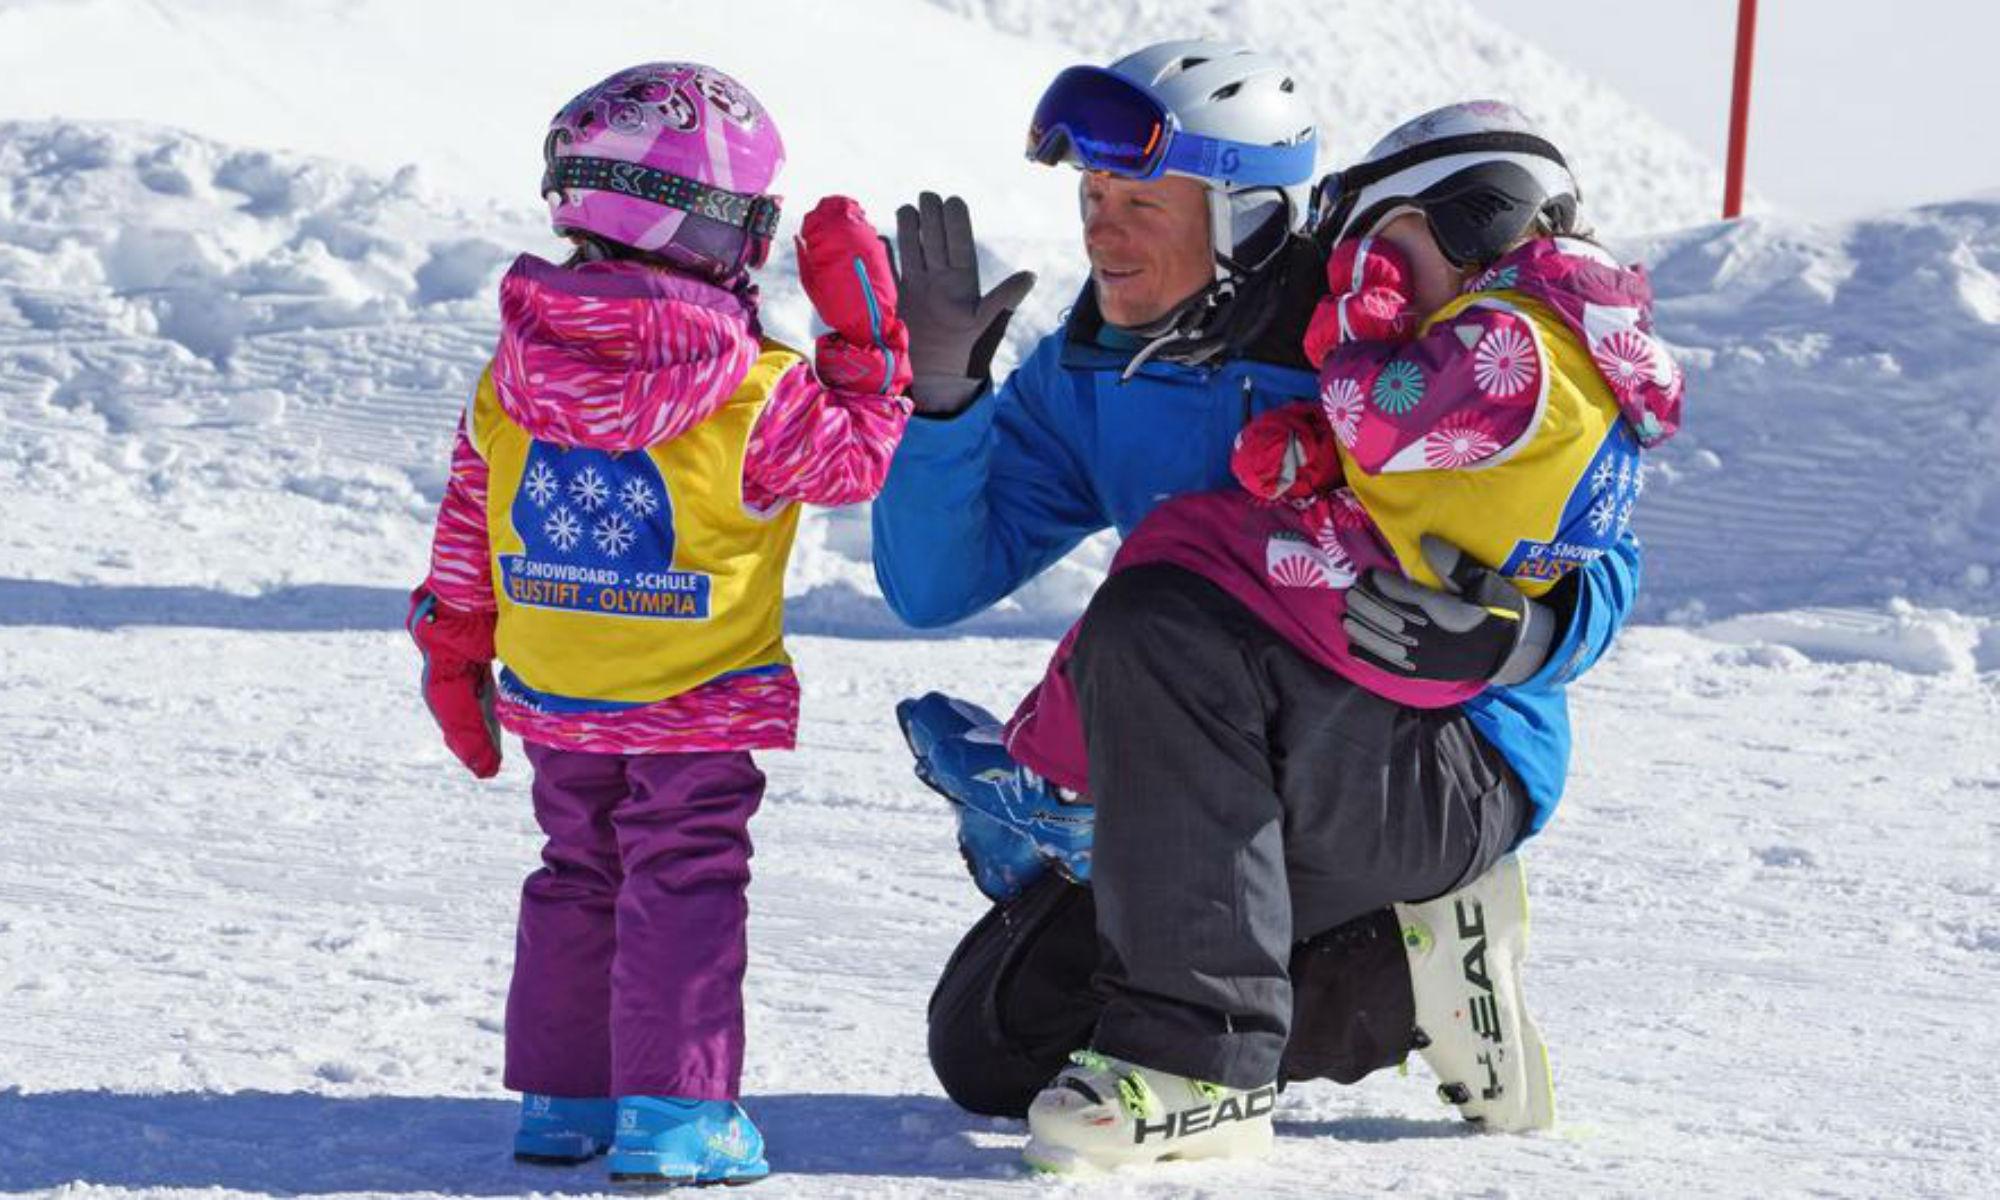 Ein Skilehrer klatscht mit einem Kind auf einer sonnigen Piste am Stubaier Gletscher ab, während er ein zweites Kind im Arm hält.